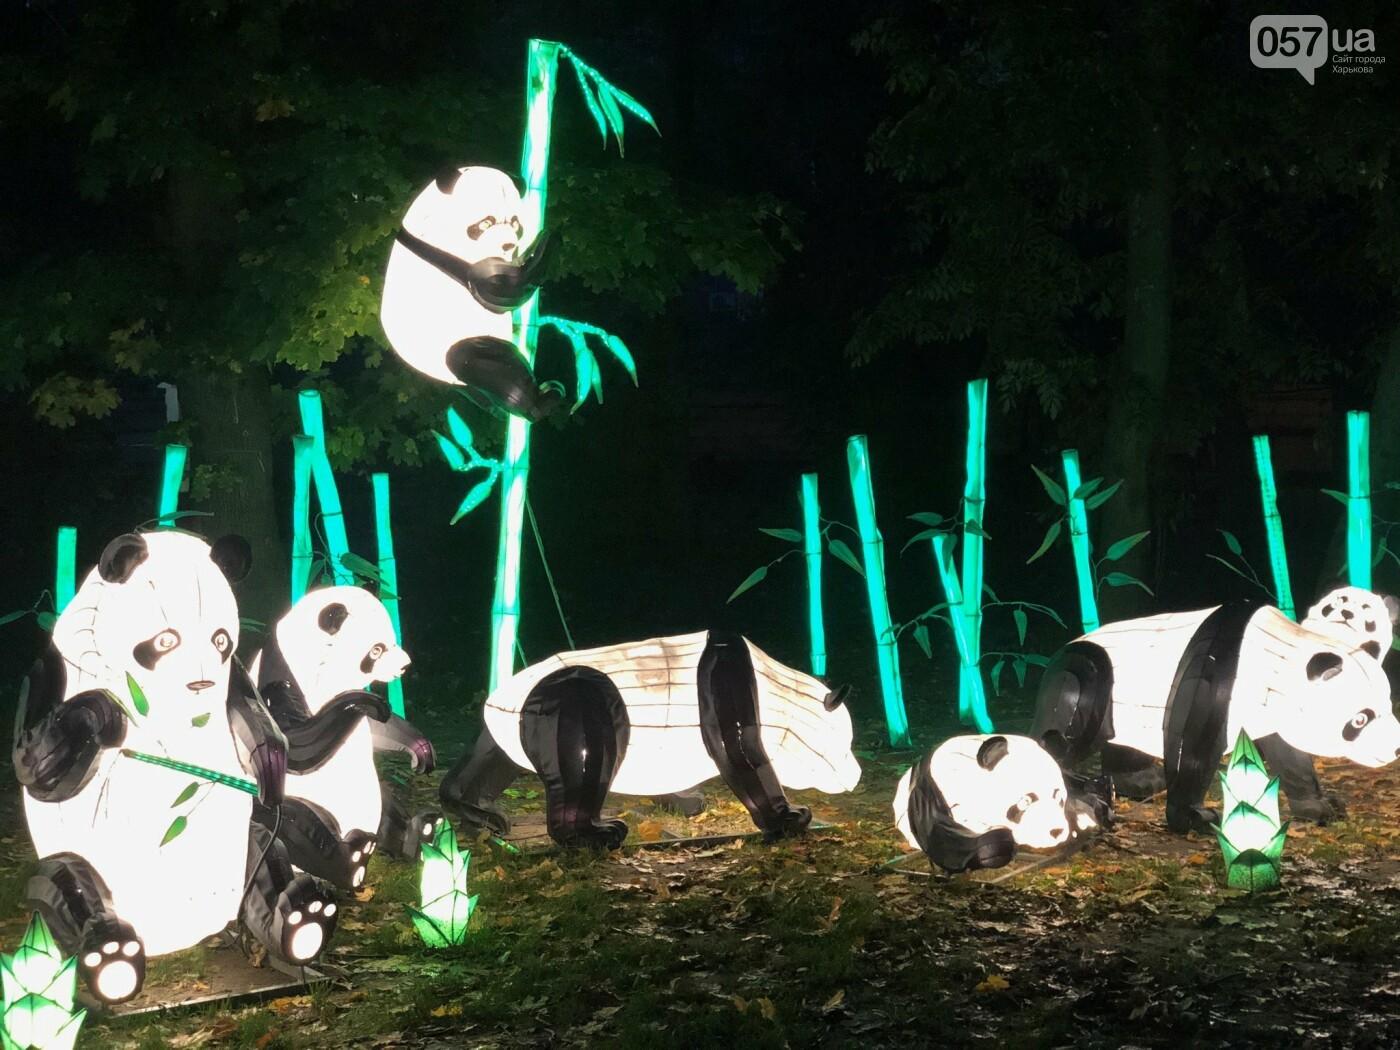 Харьков зажигает огни: что ждет посетителей Фестиваля гигантских китайских фонарей, фото-6